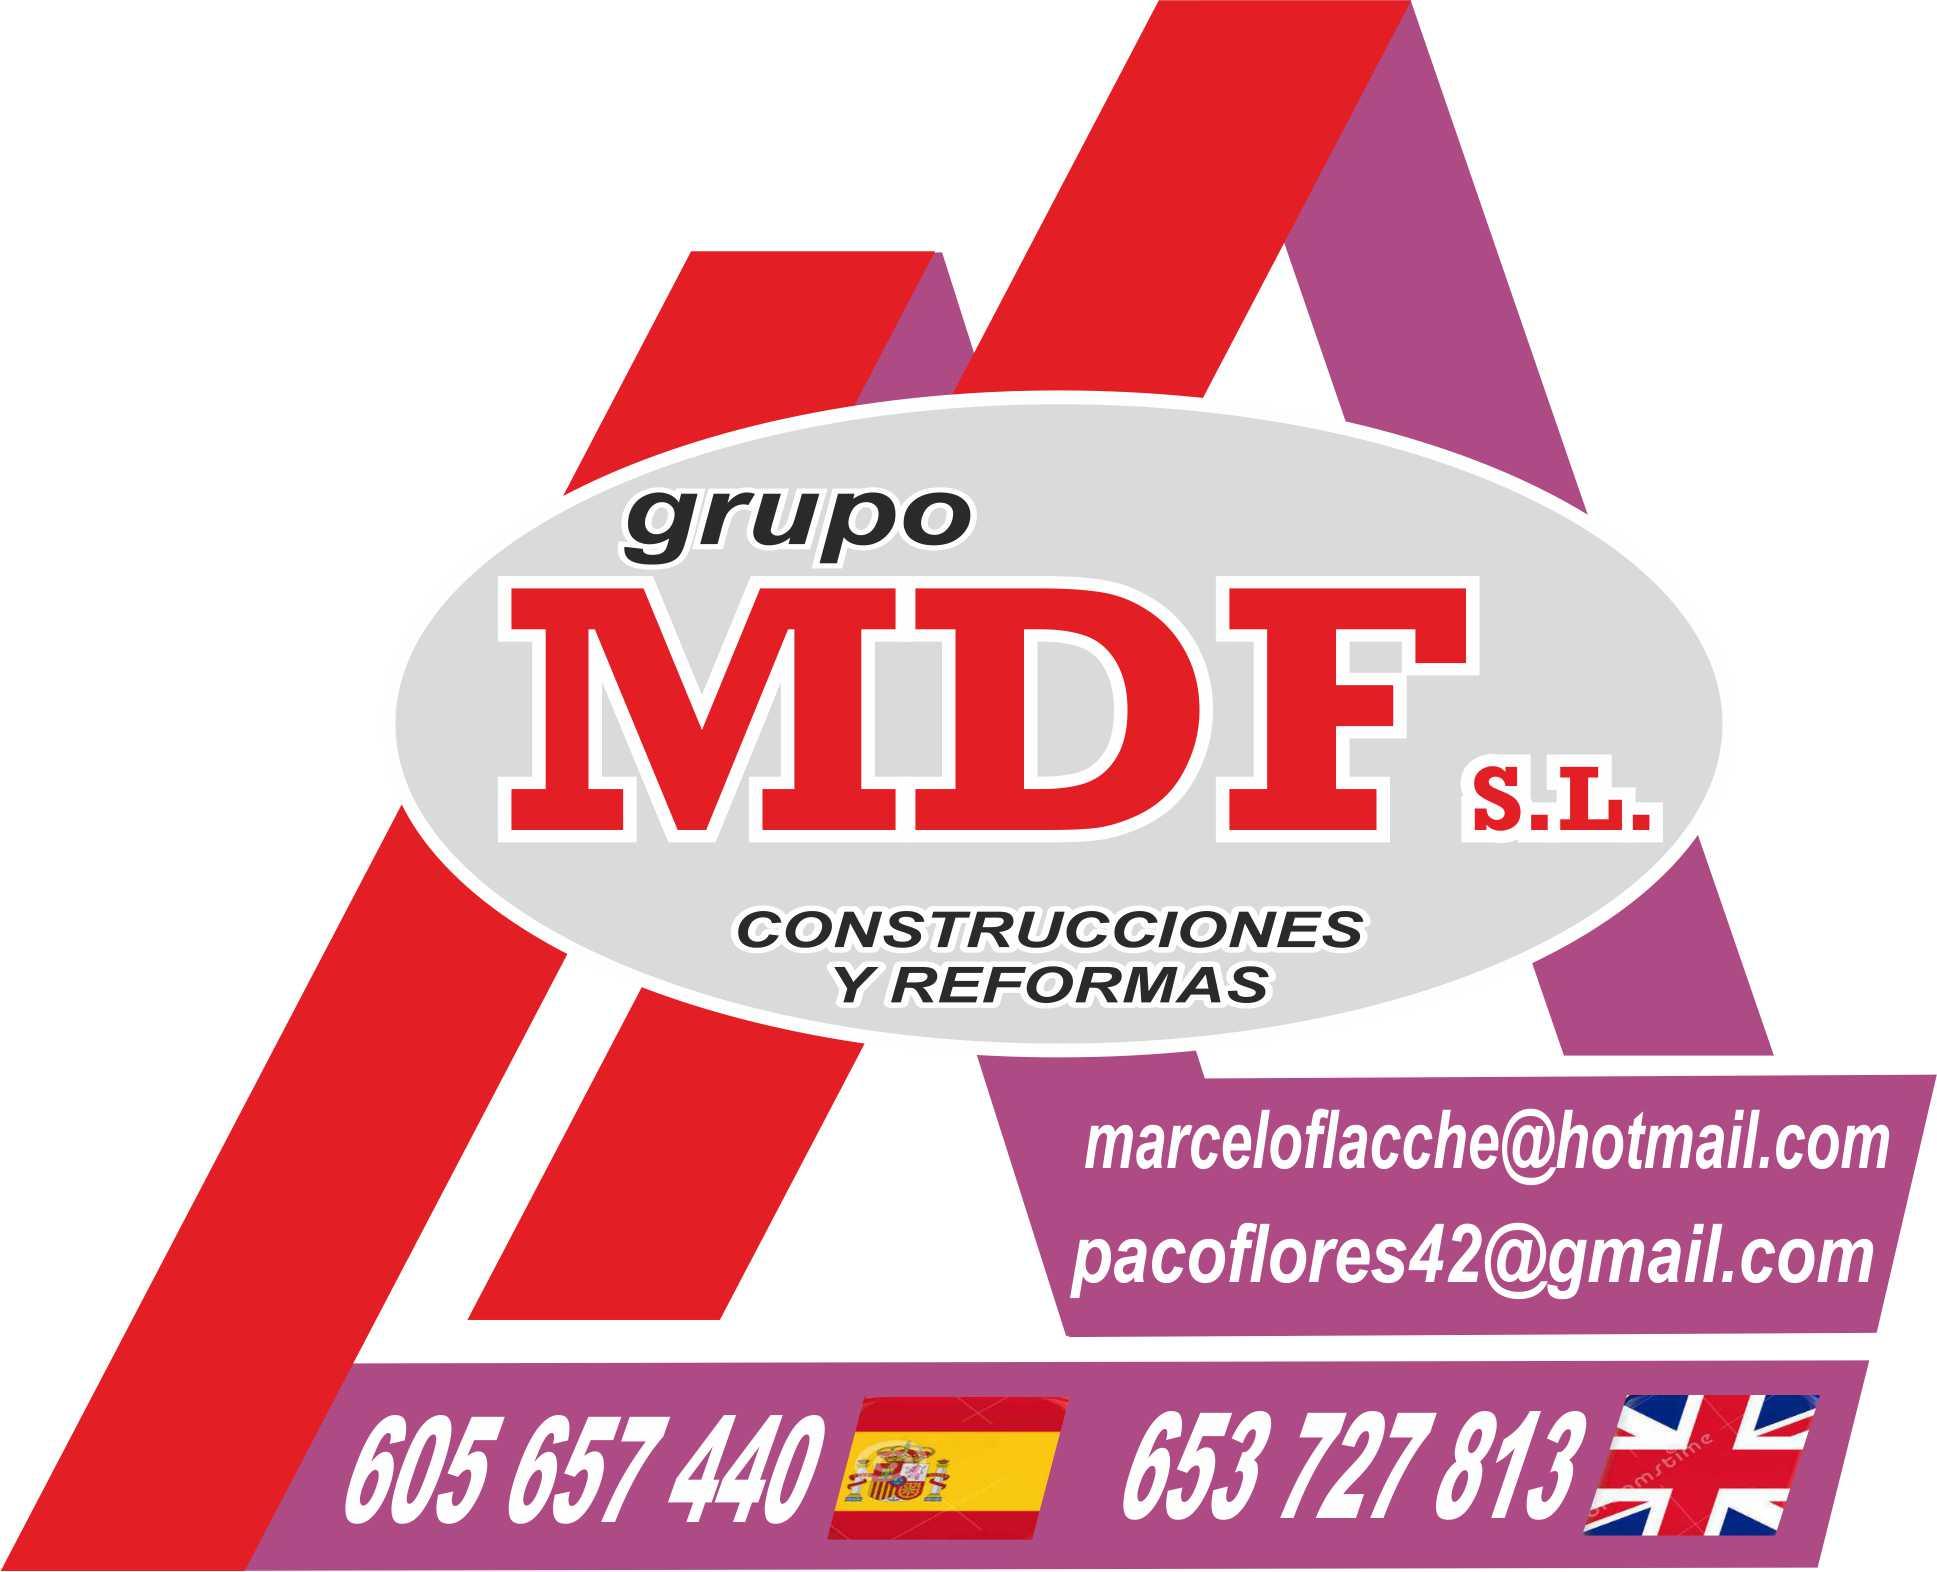 CONSTRUCCIONES Y REFORMAS MDF